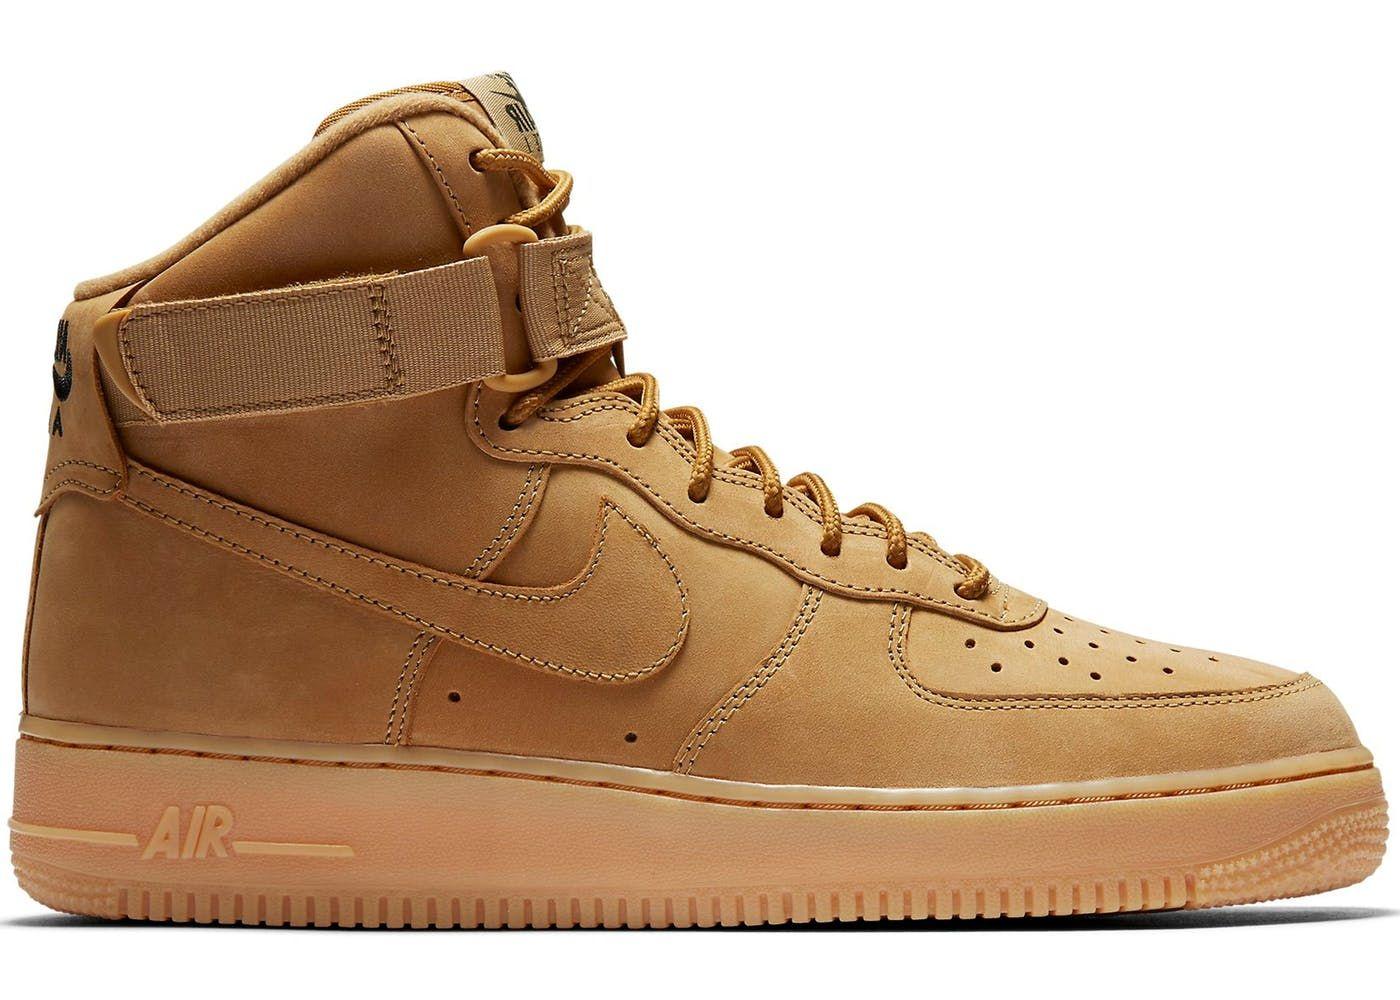 Nike Air Force 1 High Flax (2017